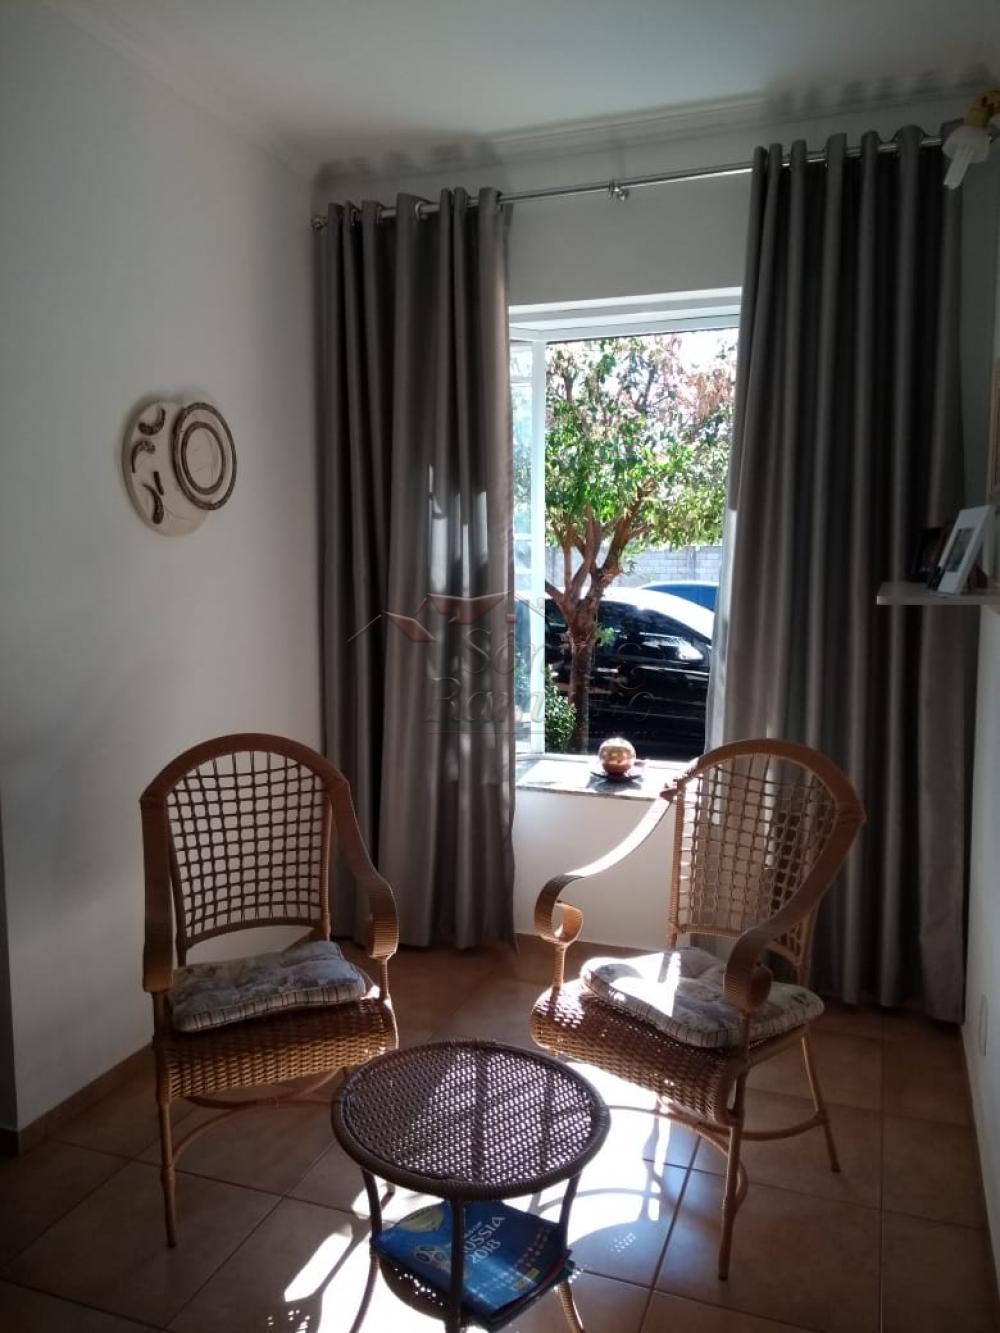 Comprar Casas / Condomínio em Ribeirão Preto apenas R$ 420.000,00 - Foto 25